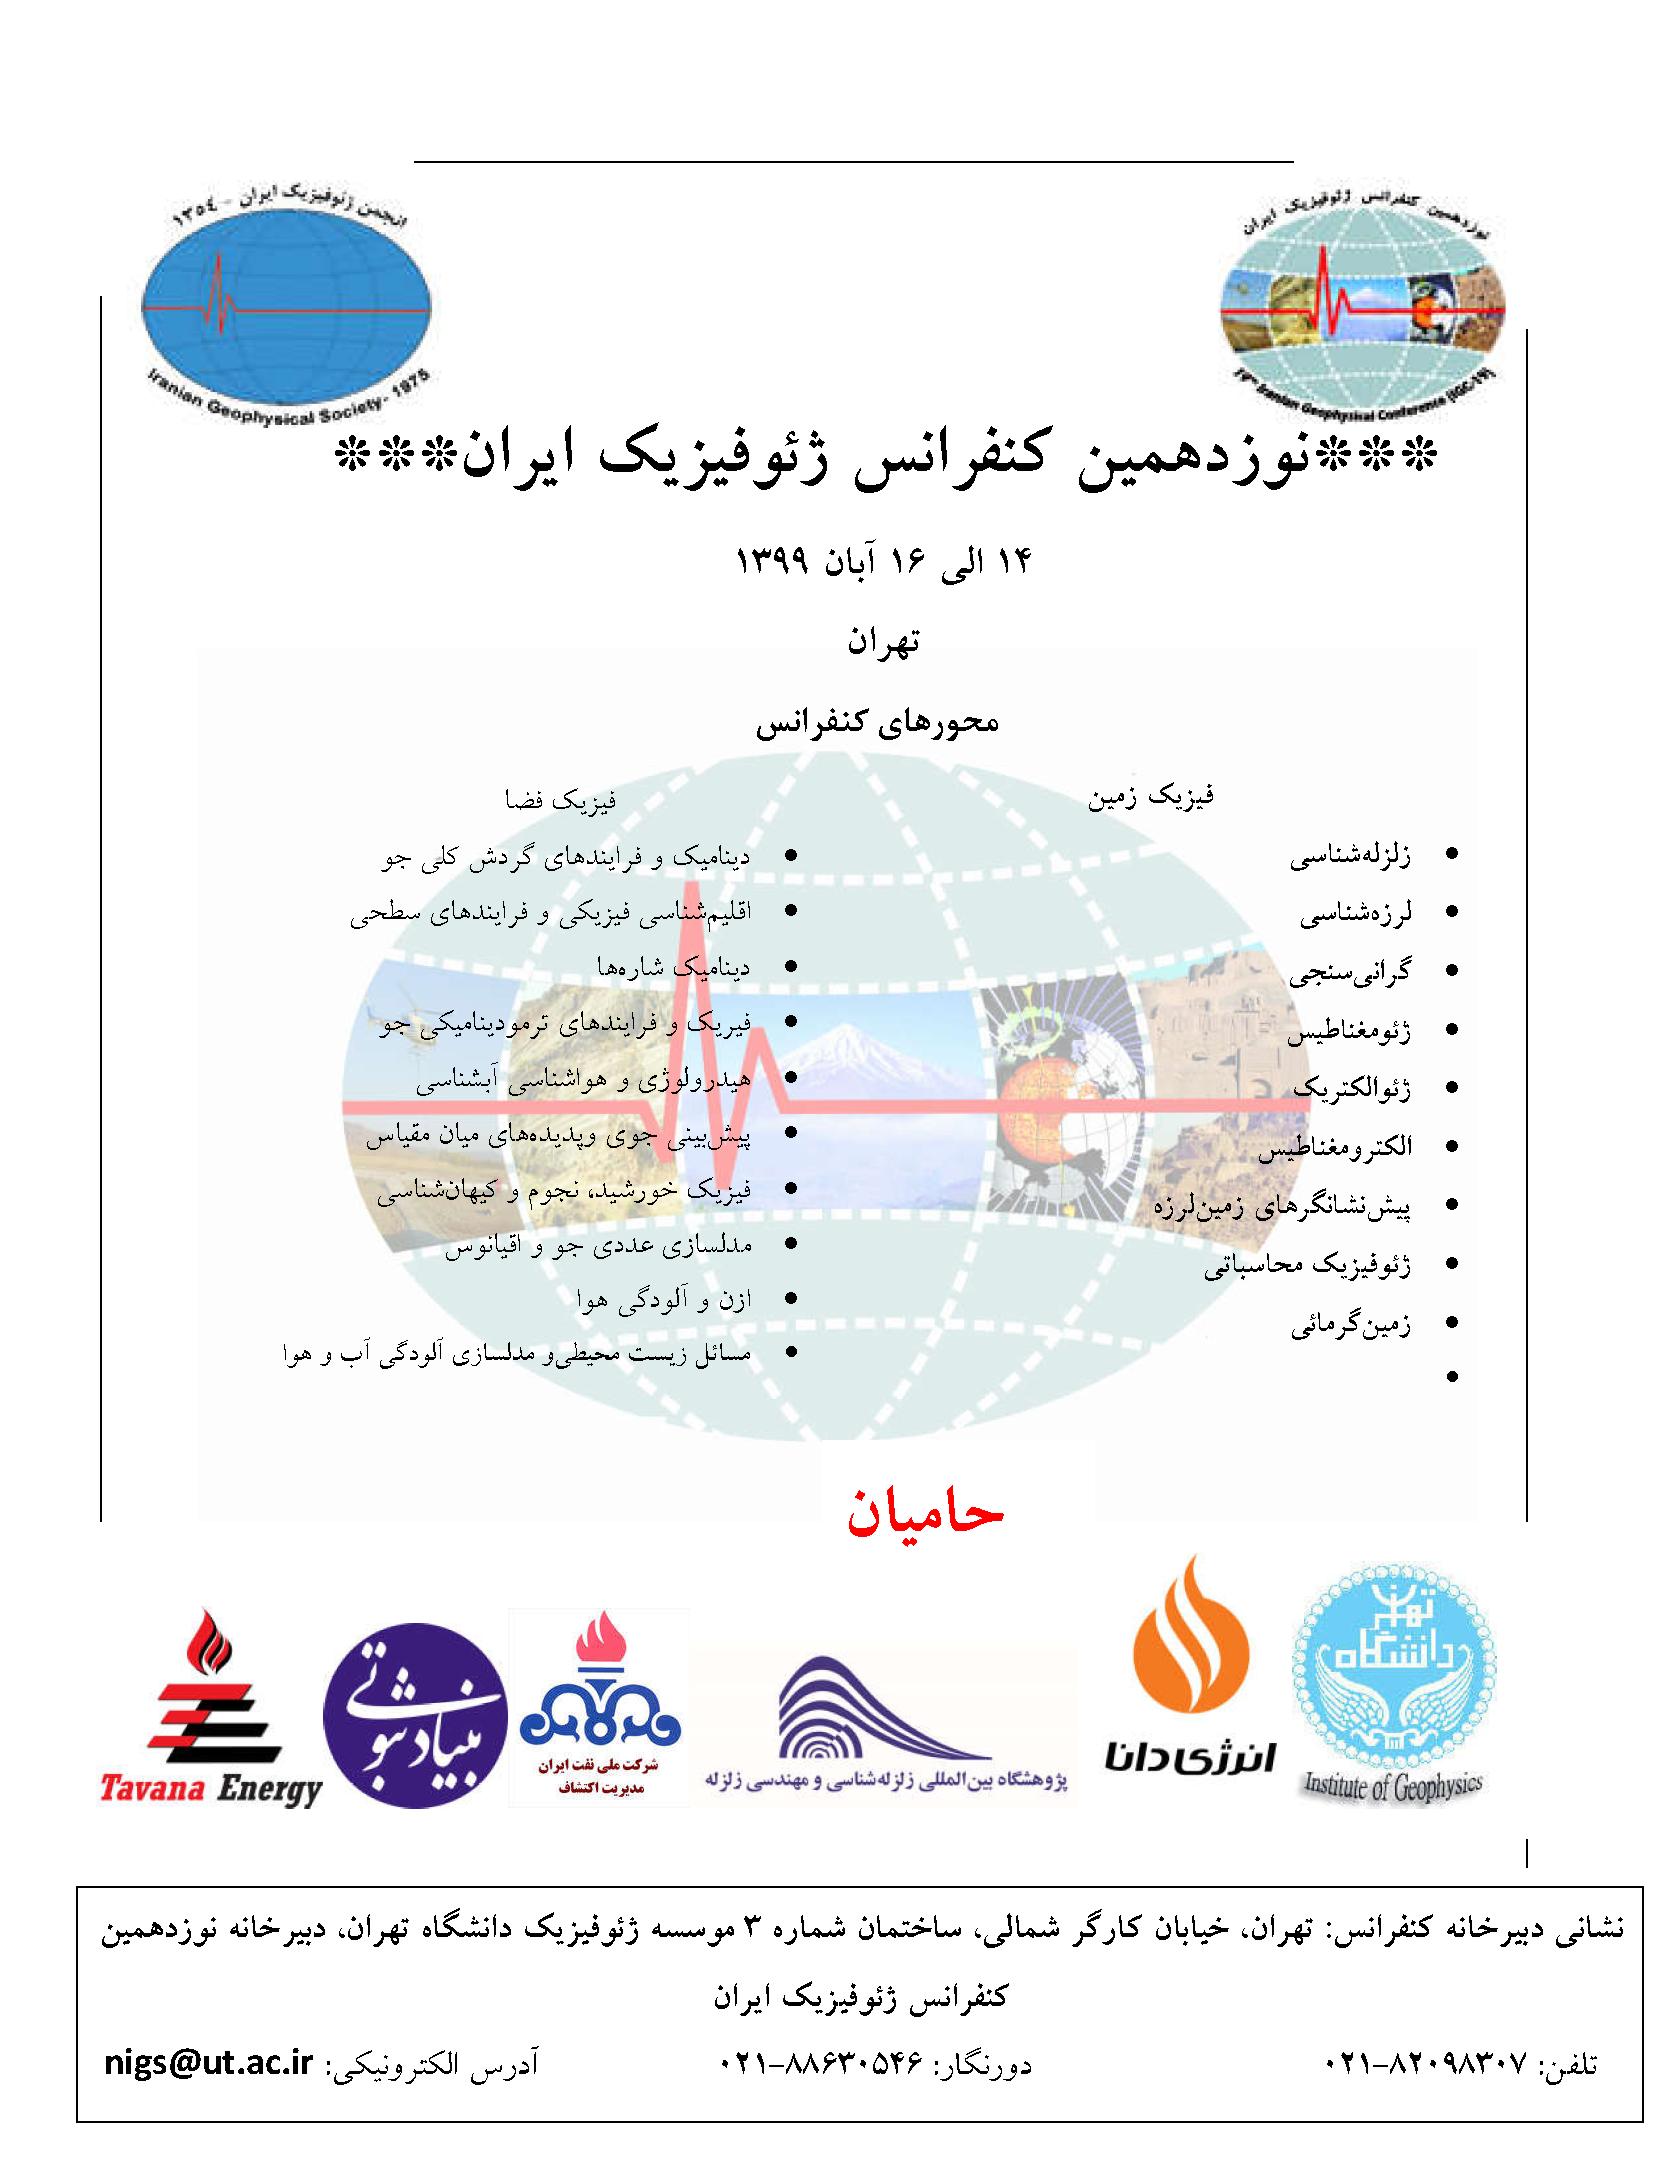 نوزدهمین کنفرانس ژئوفیزیک ایران